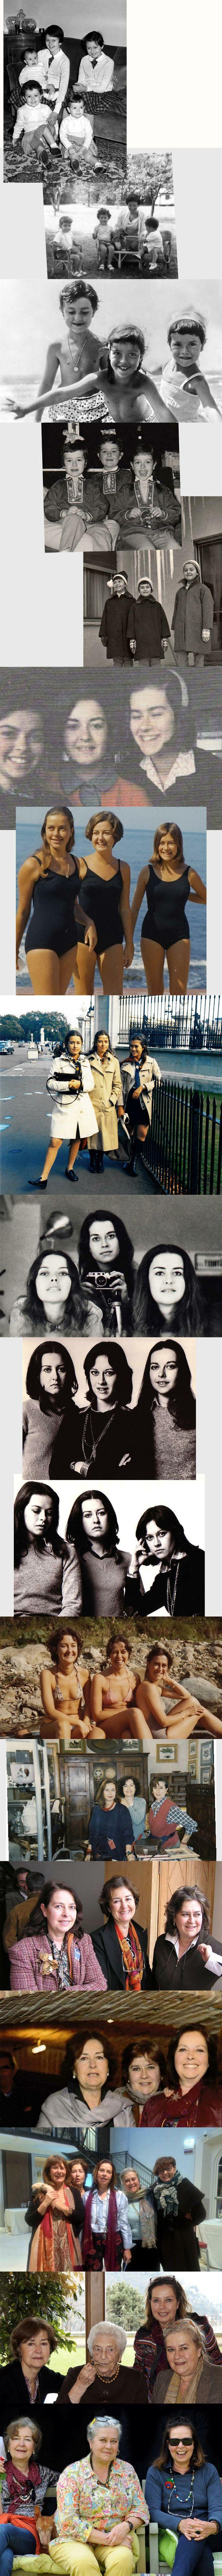 three sisters Ganzinelli 1954-2014 in eighteen shots #ganzinelling #guidofrilli